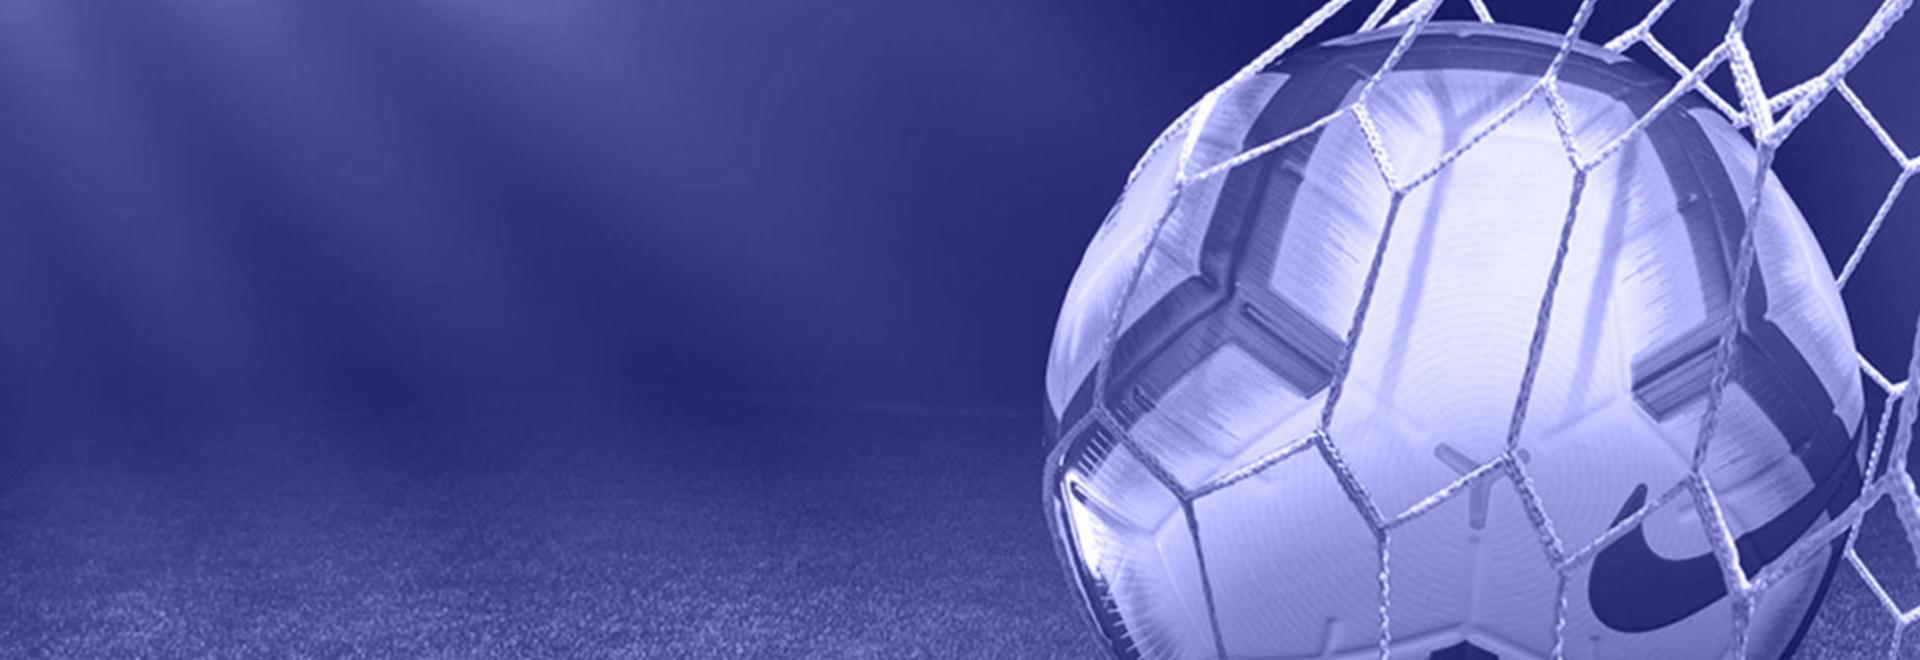 Sassuolo - Juventus 17/09/17. 4a g.